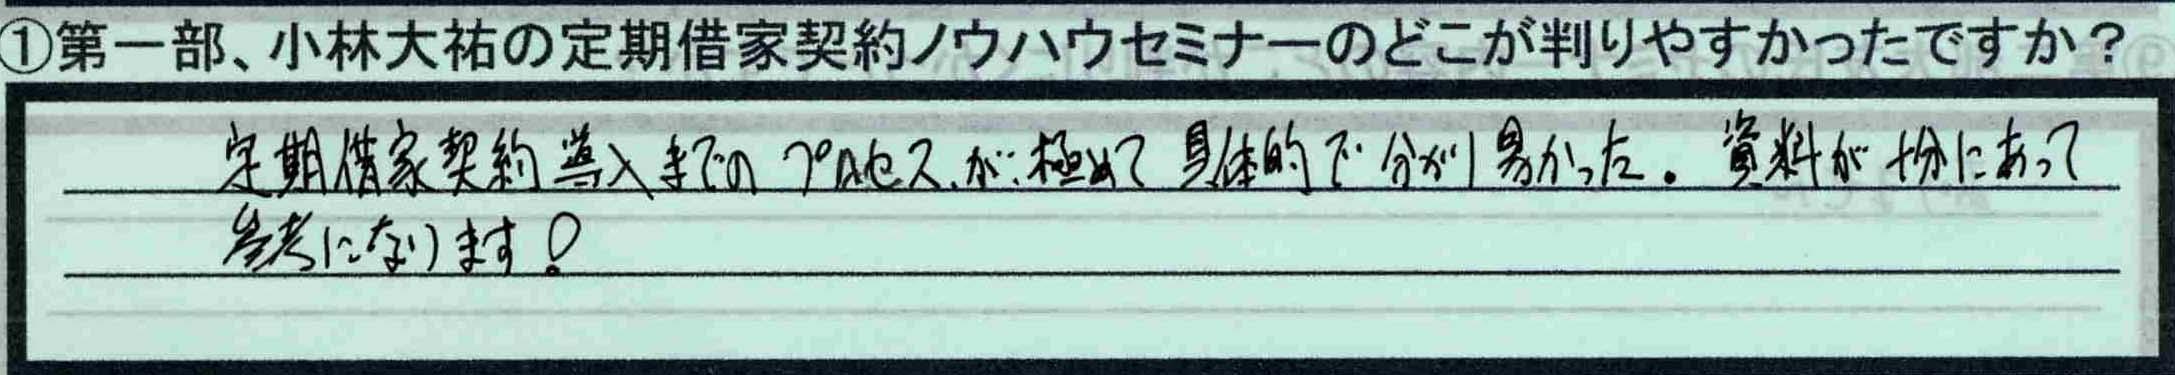 【岐阜県大垣市】【渡部一詩さん】【どこが判りやすかったか?】